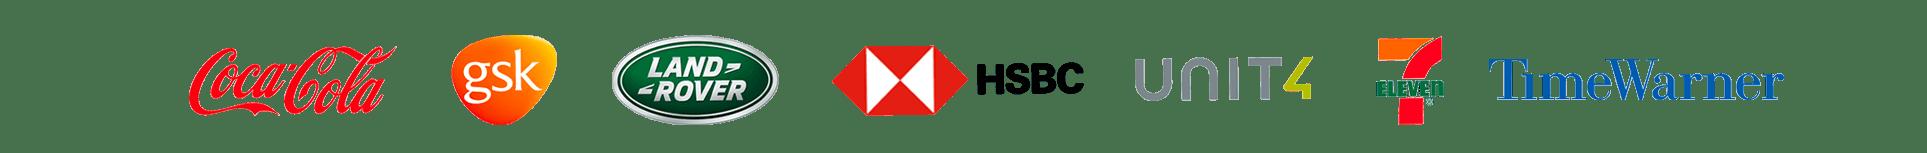 Supro Brand Logos 2